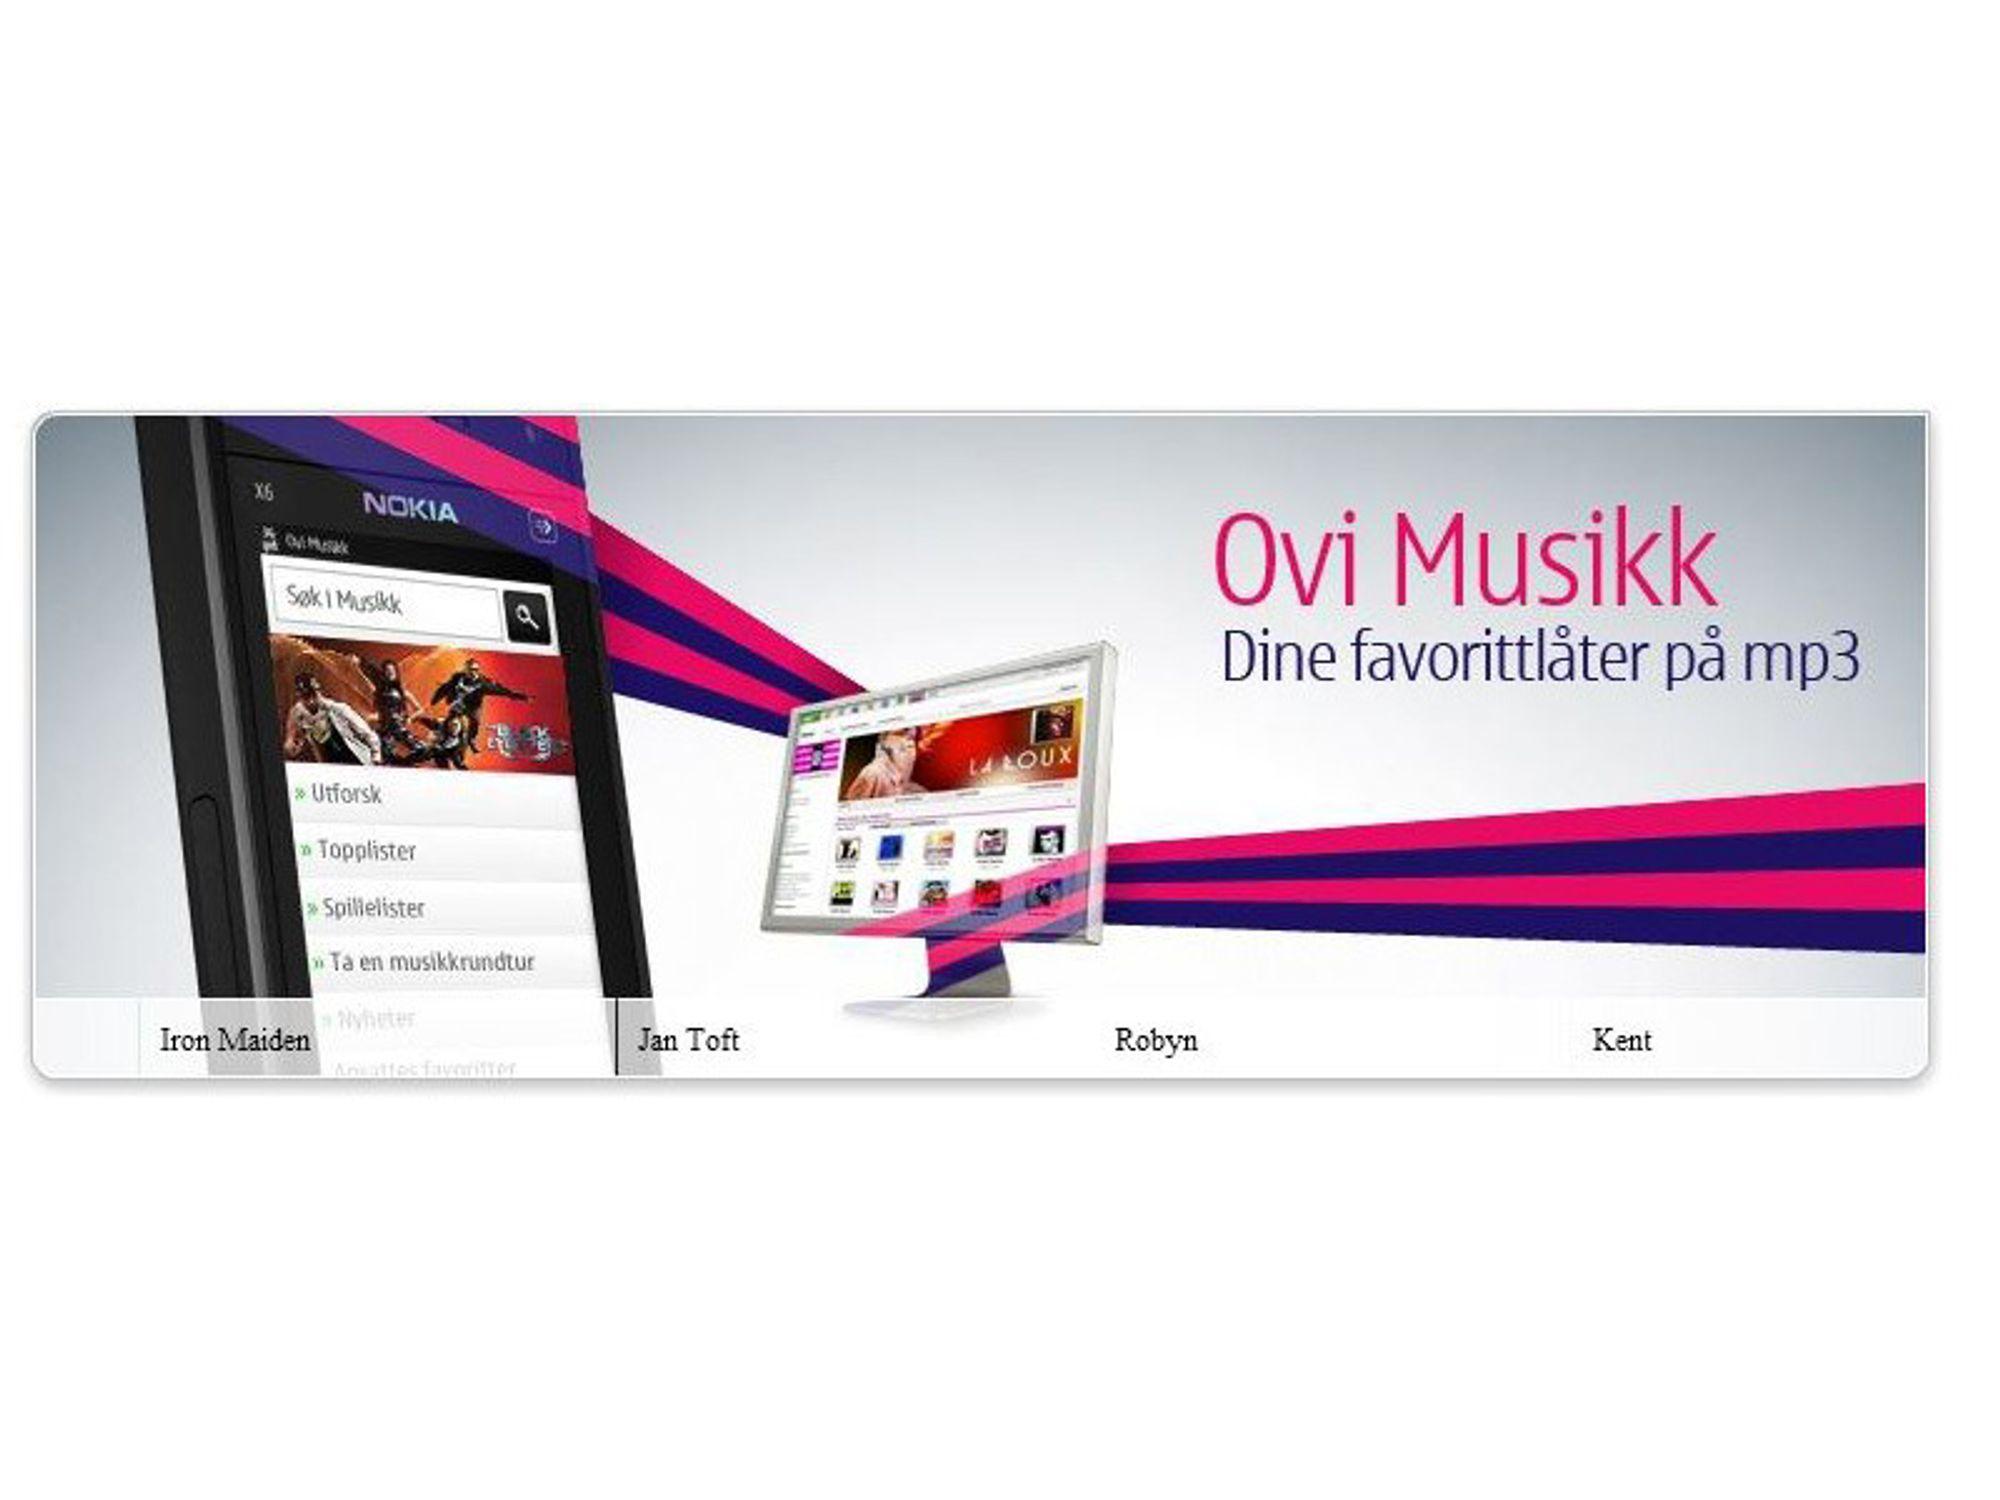 Nokia oppgraderer musikkbutikken sin